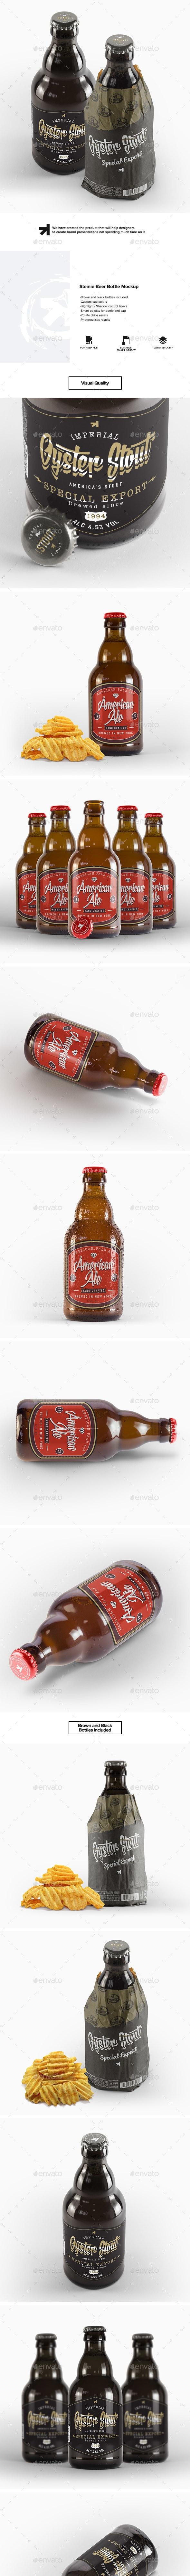 Steinie Beer Bottle Mockup - Food and Drink Packaging